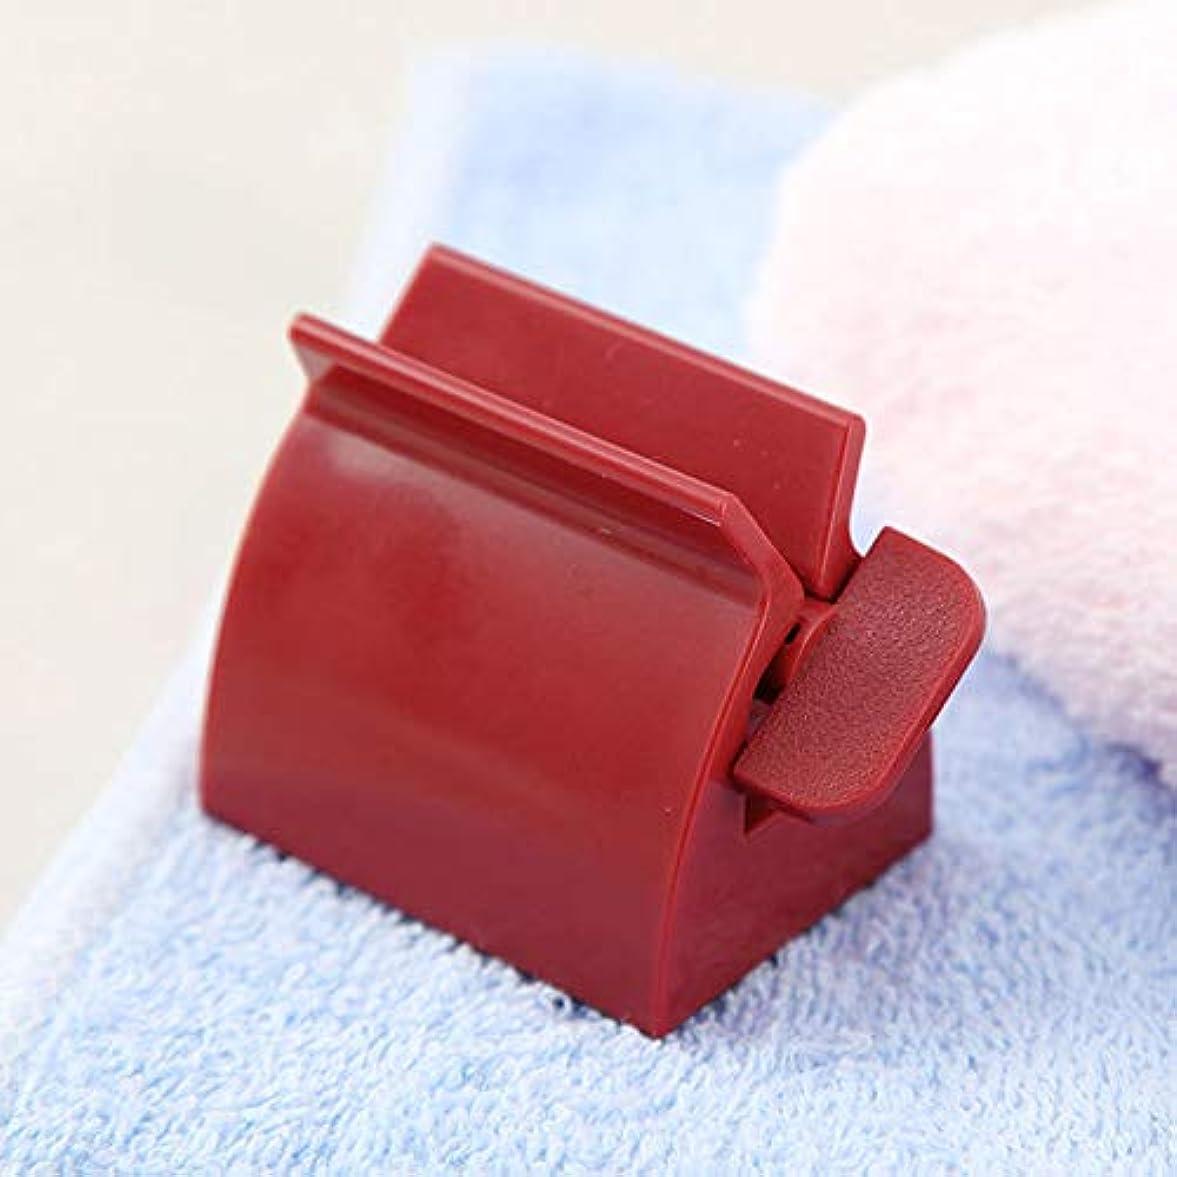 望む秋白いSODAOA屋 手動歯磨き粉スクイーザ 歯磨き粉 ホルダー バスルーム洗顔料 化粧品 クリーム ハンドクリーム 節約 ローリングチューブスクイーザー便利 練り歯磨きスクイーザー 多機能 (レッド)